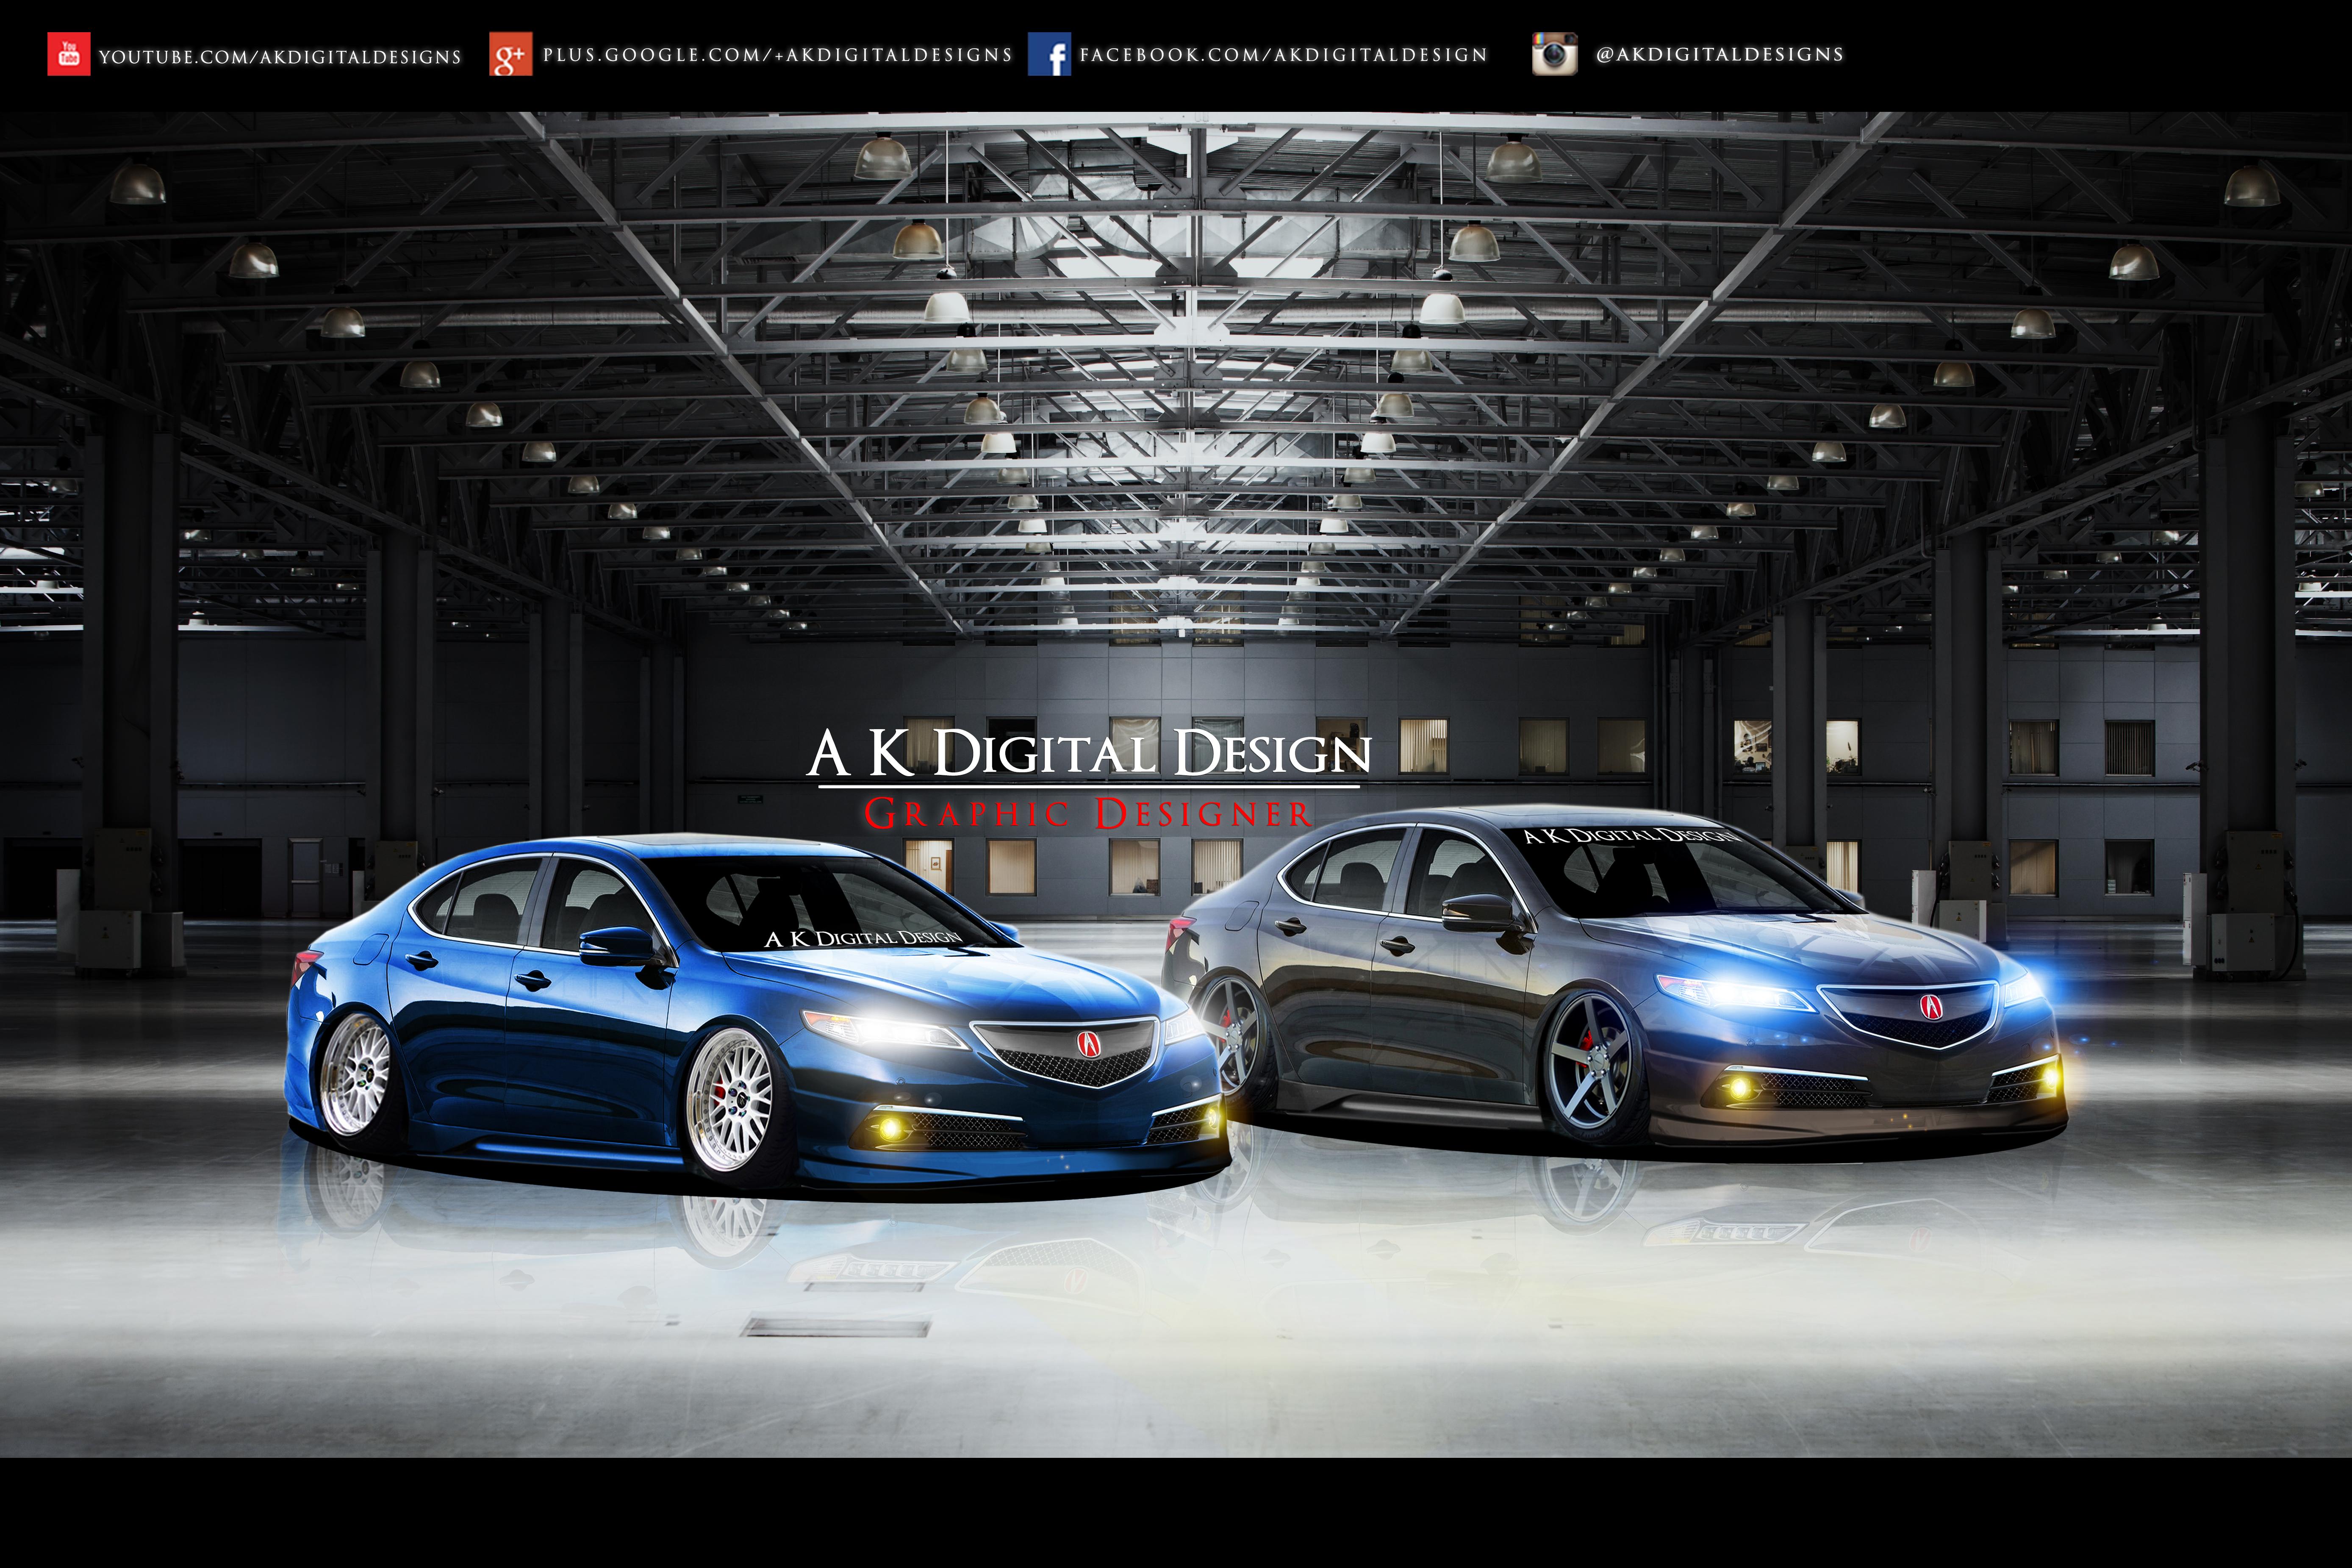 be acura model driver tlx car bridge all chic interior